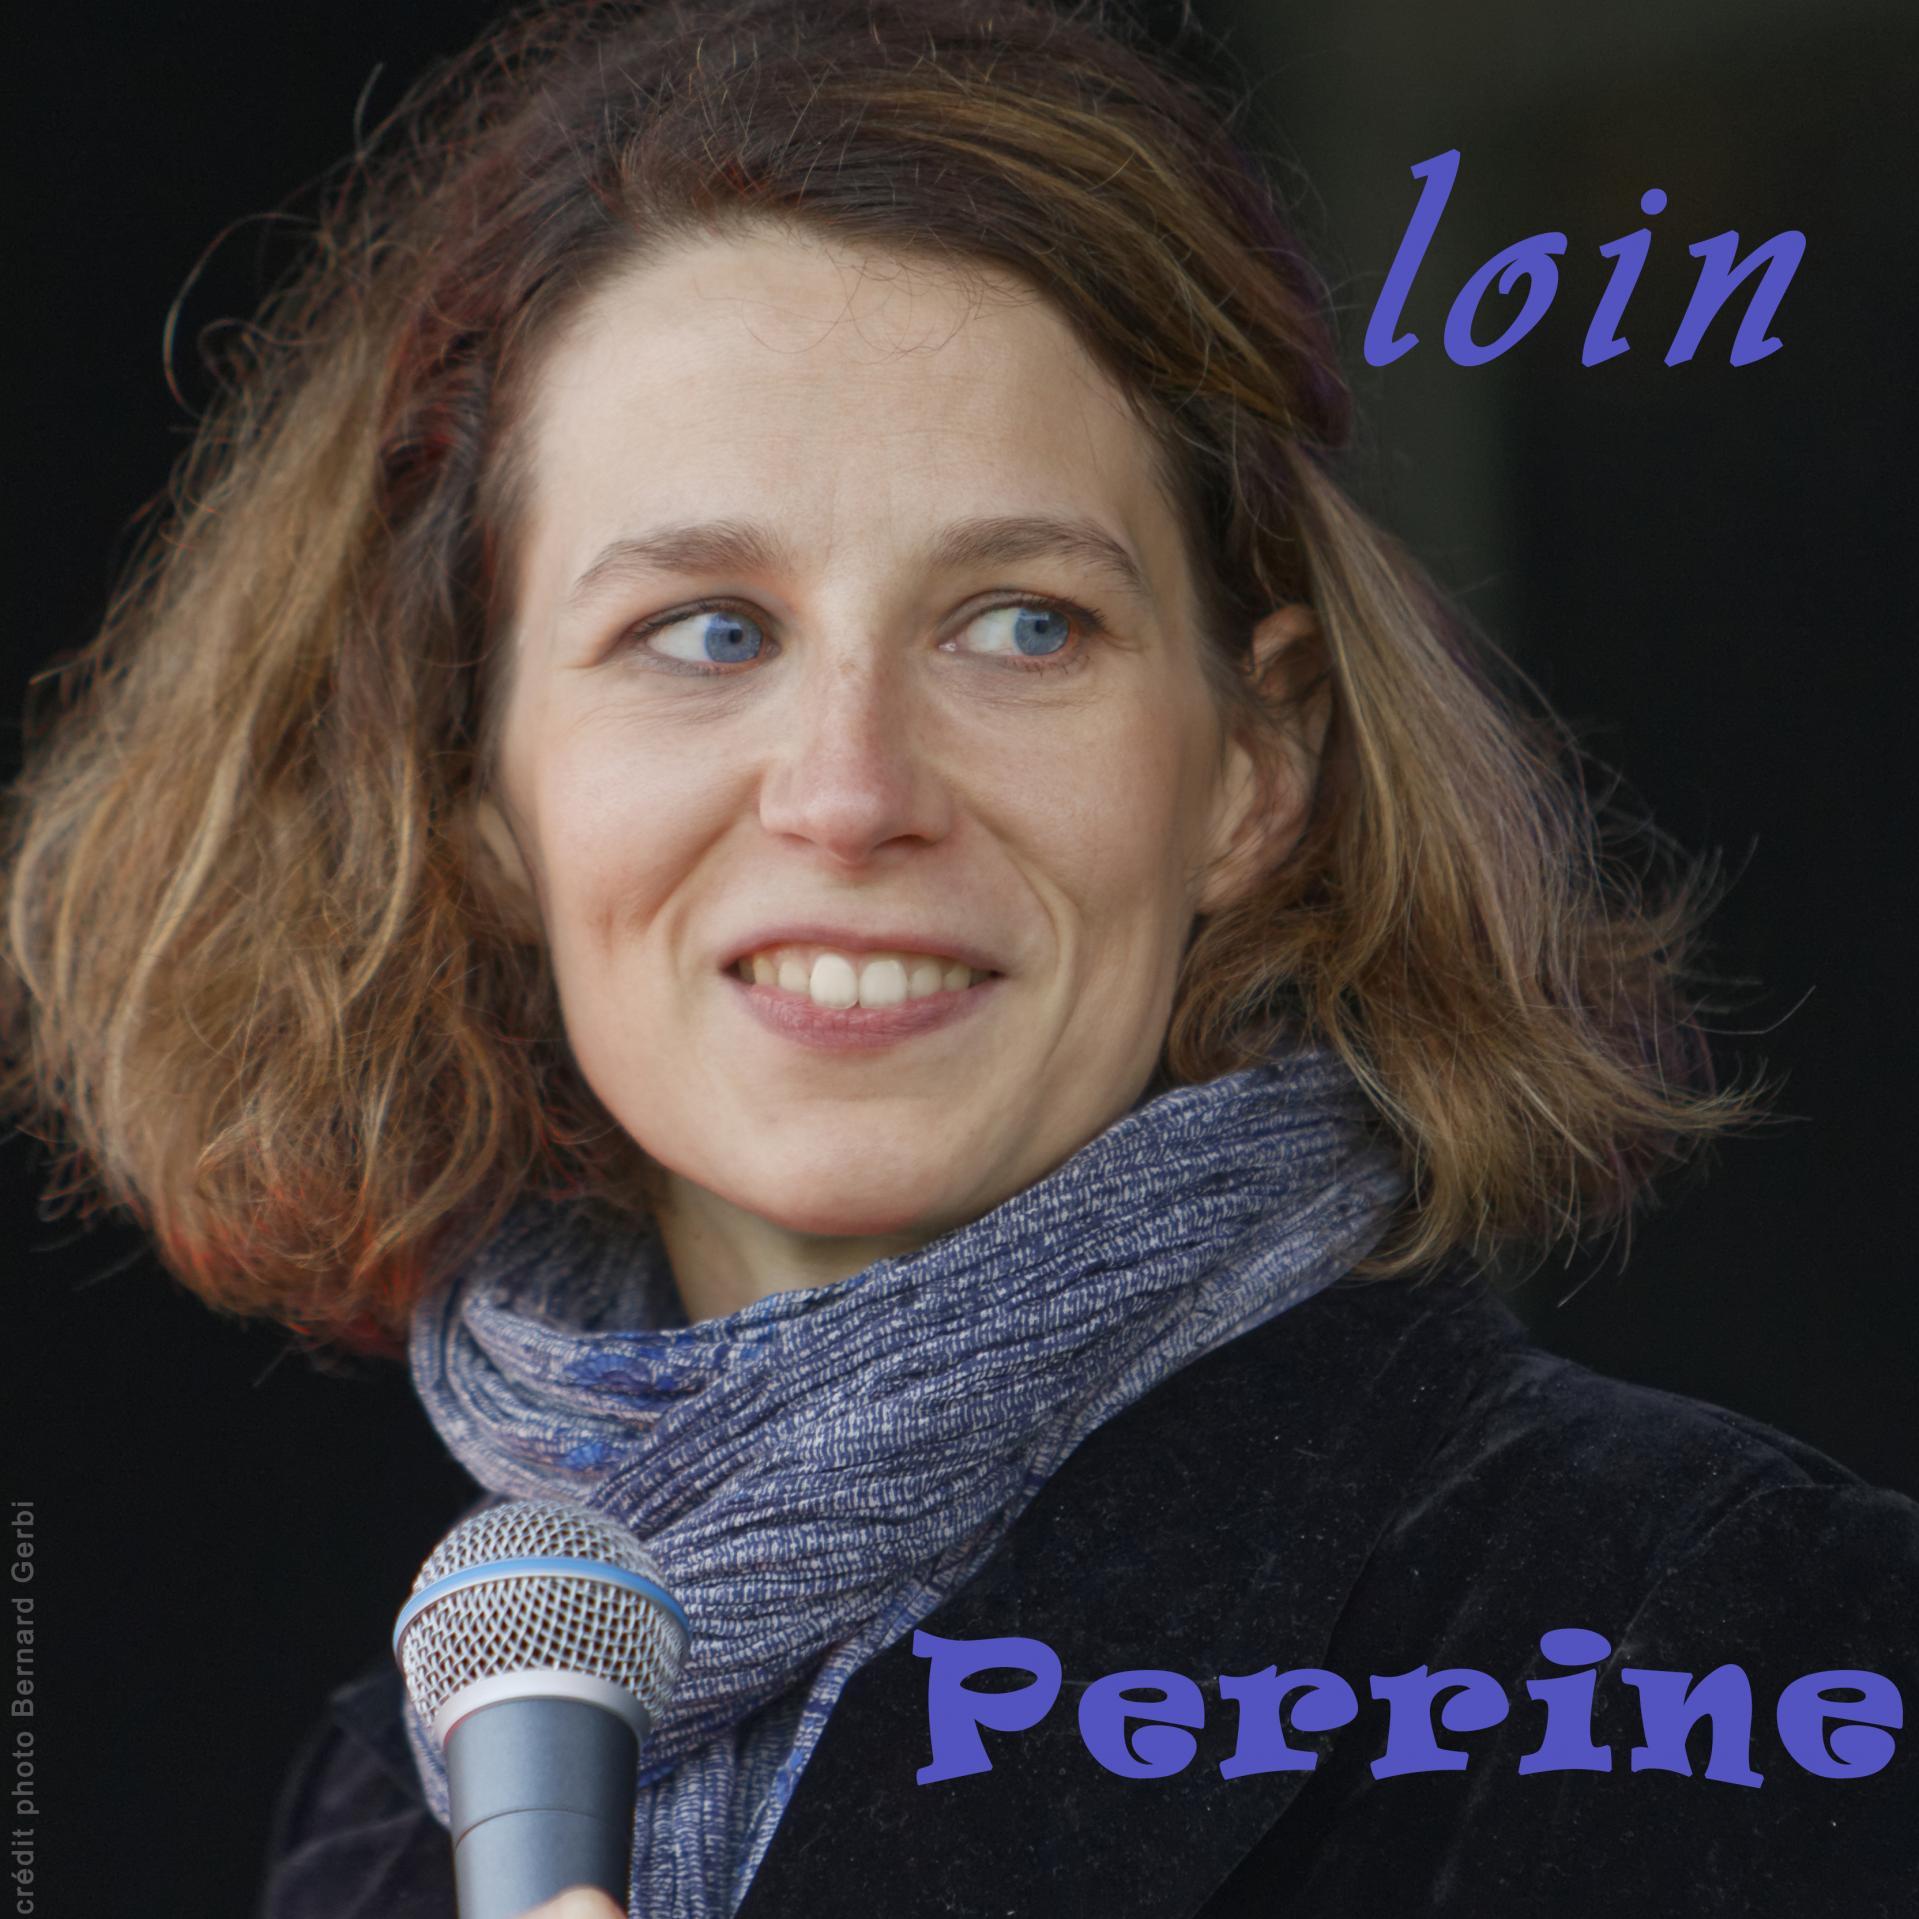 Perrine hd 2